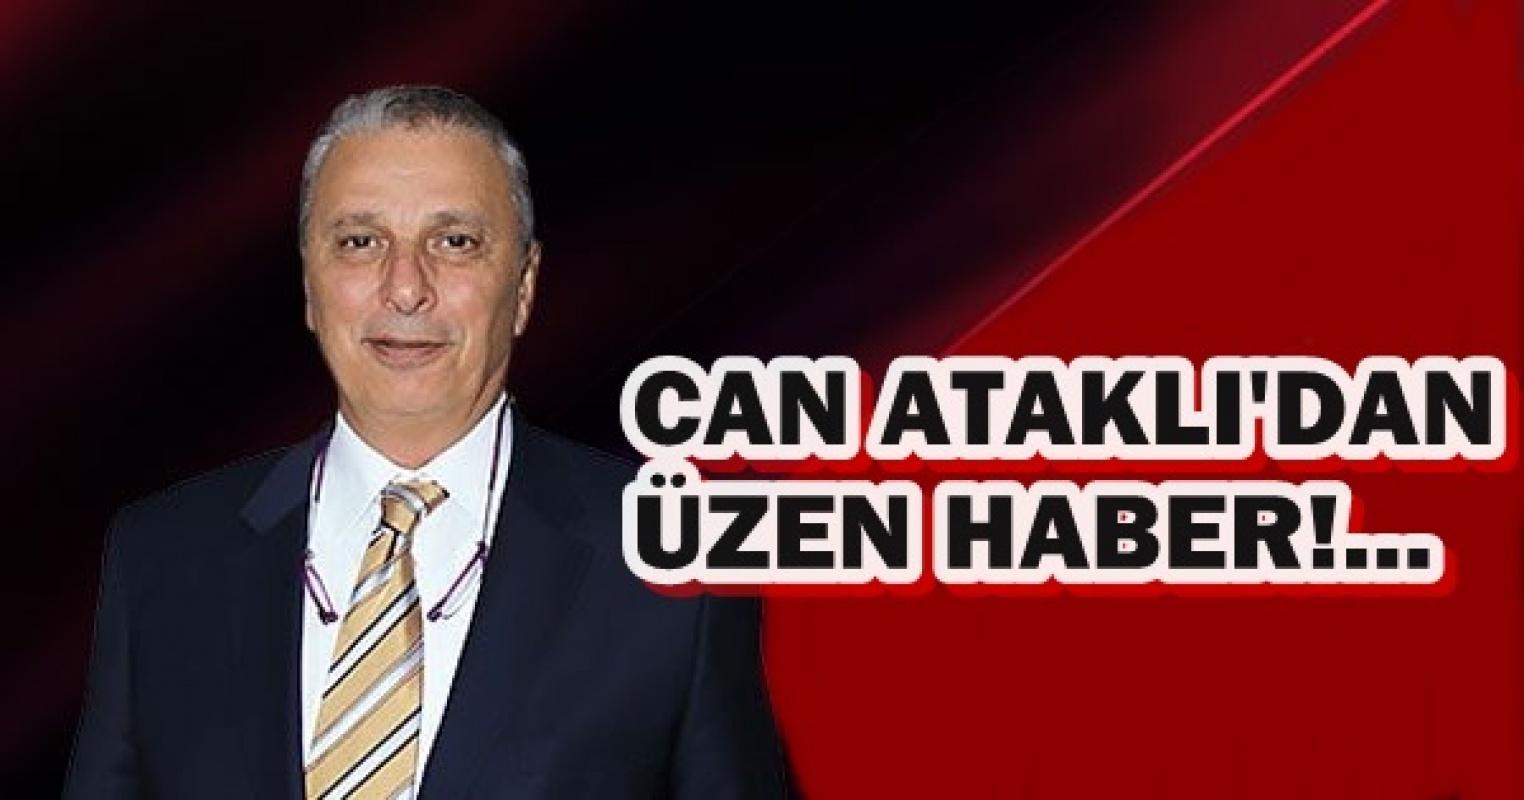 Can Ataklı'dan üzen haber!